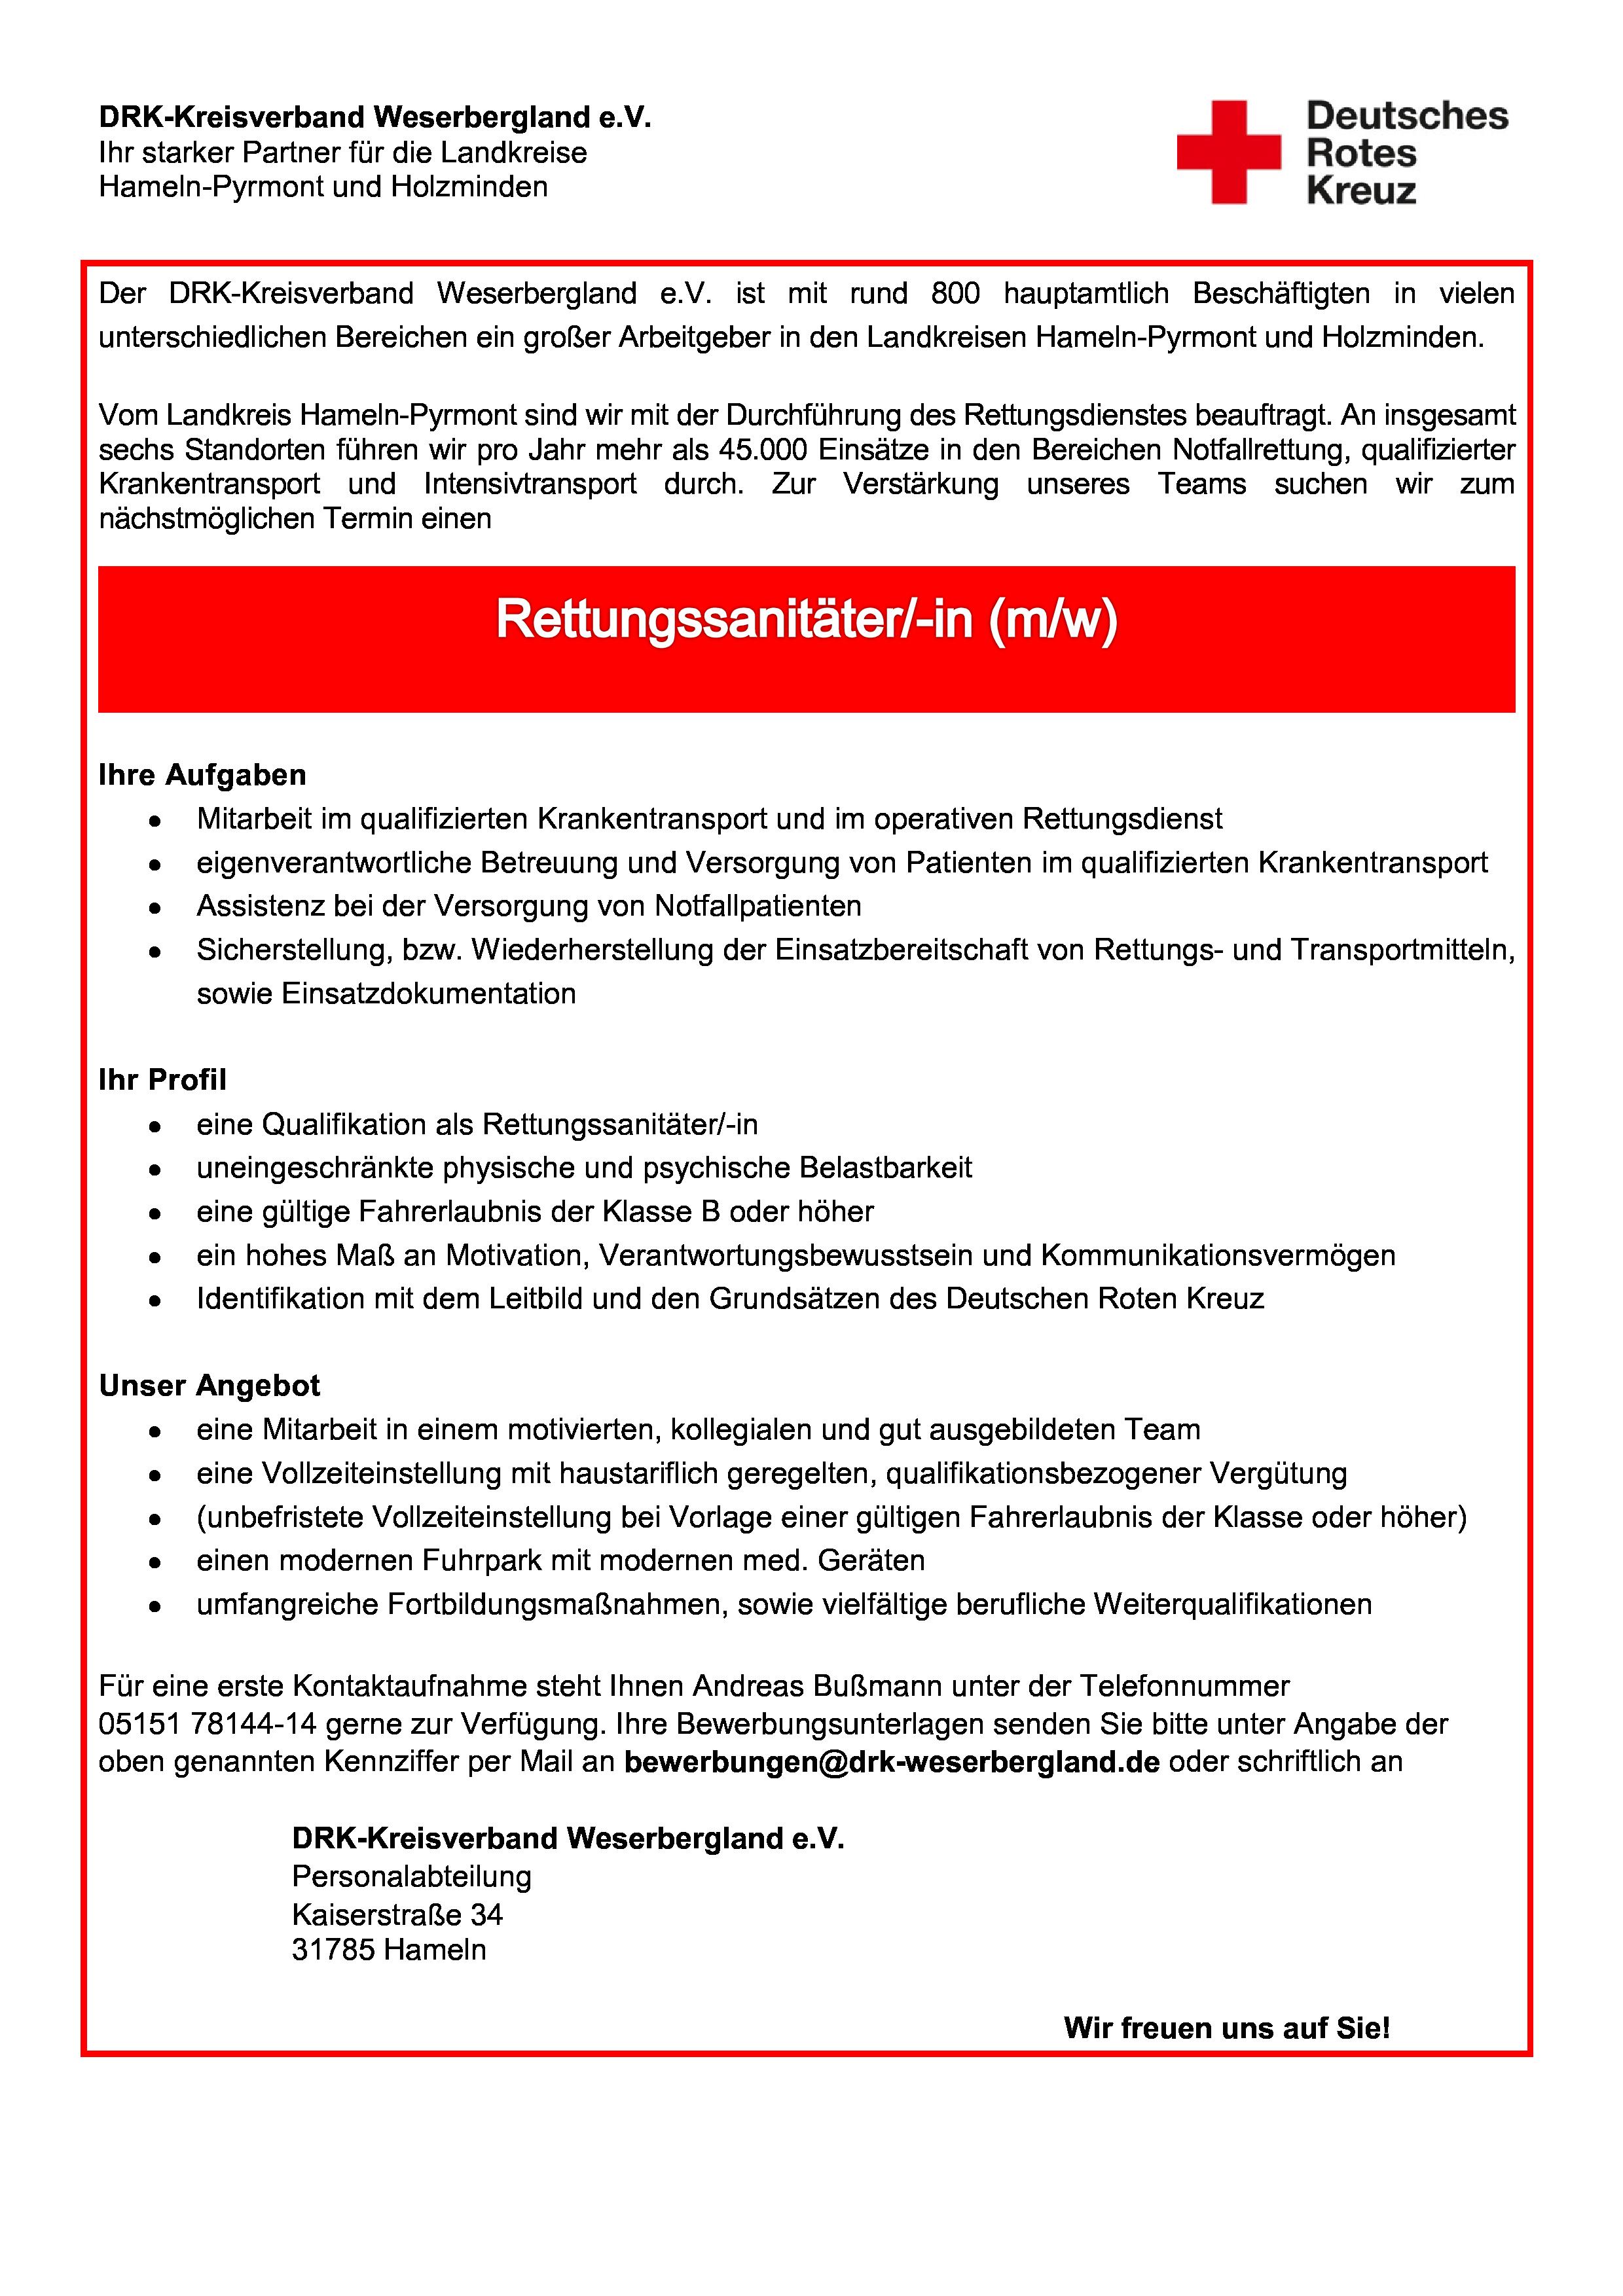 pdf herunterladen - Bewerbung Rettungssanitater